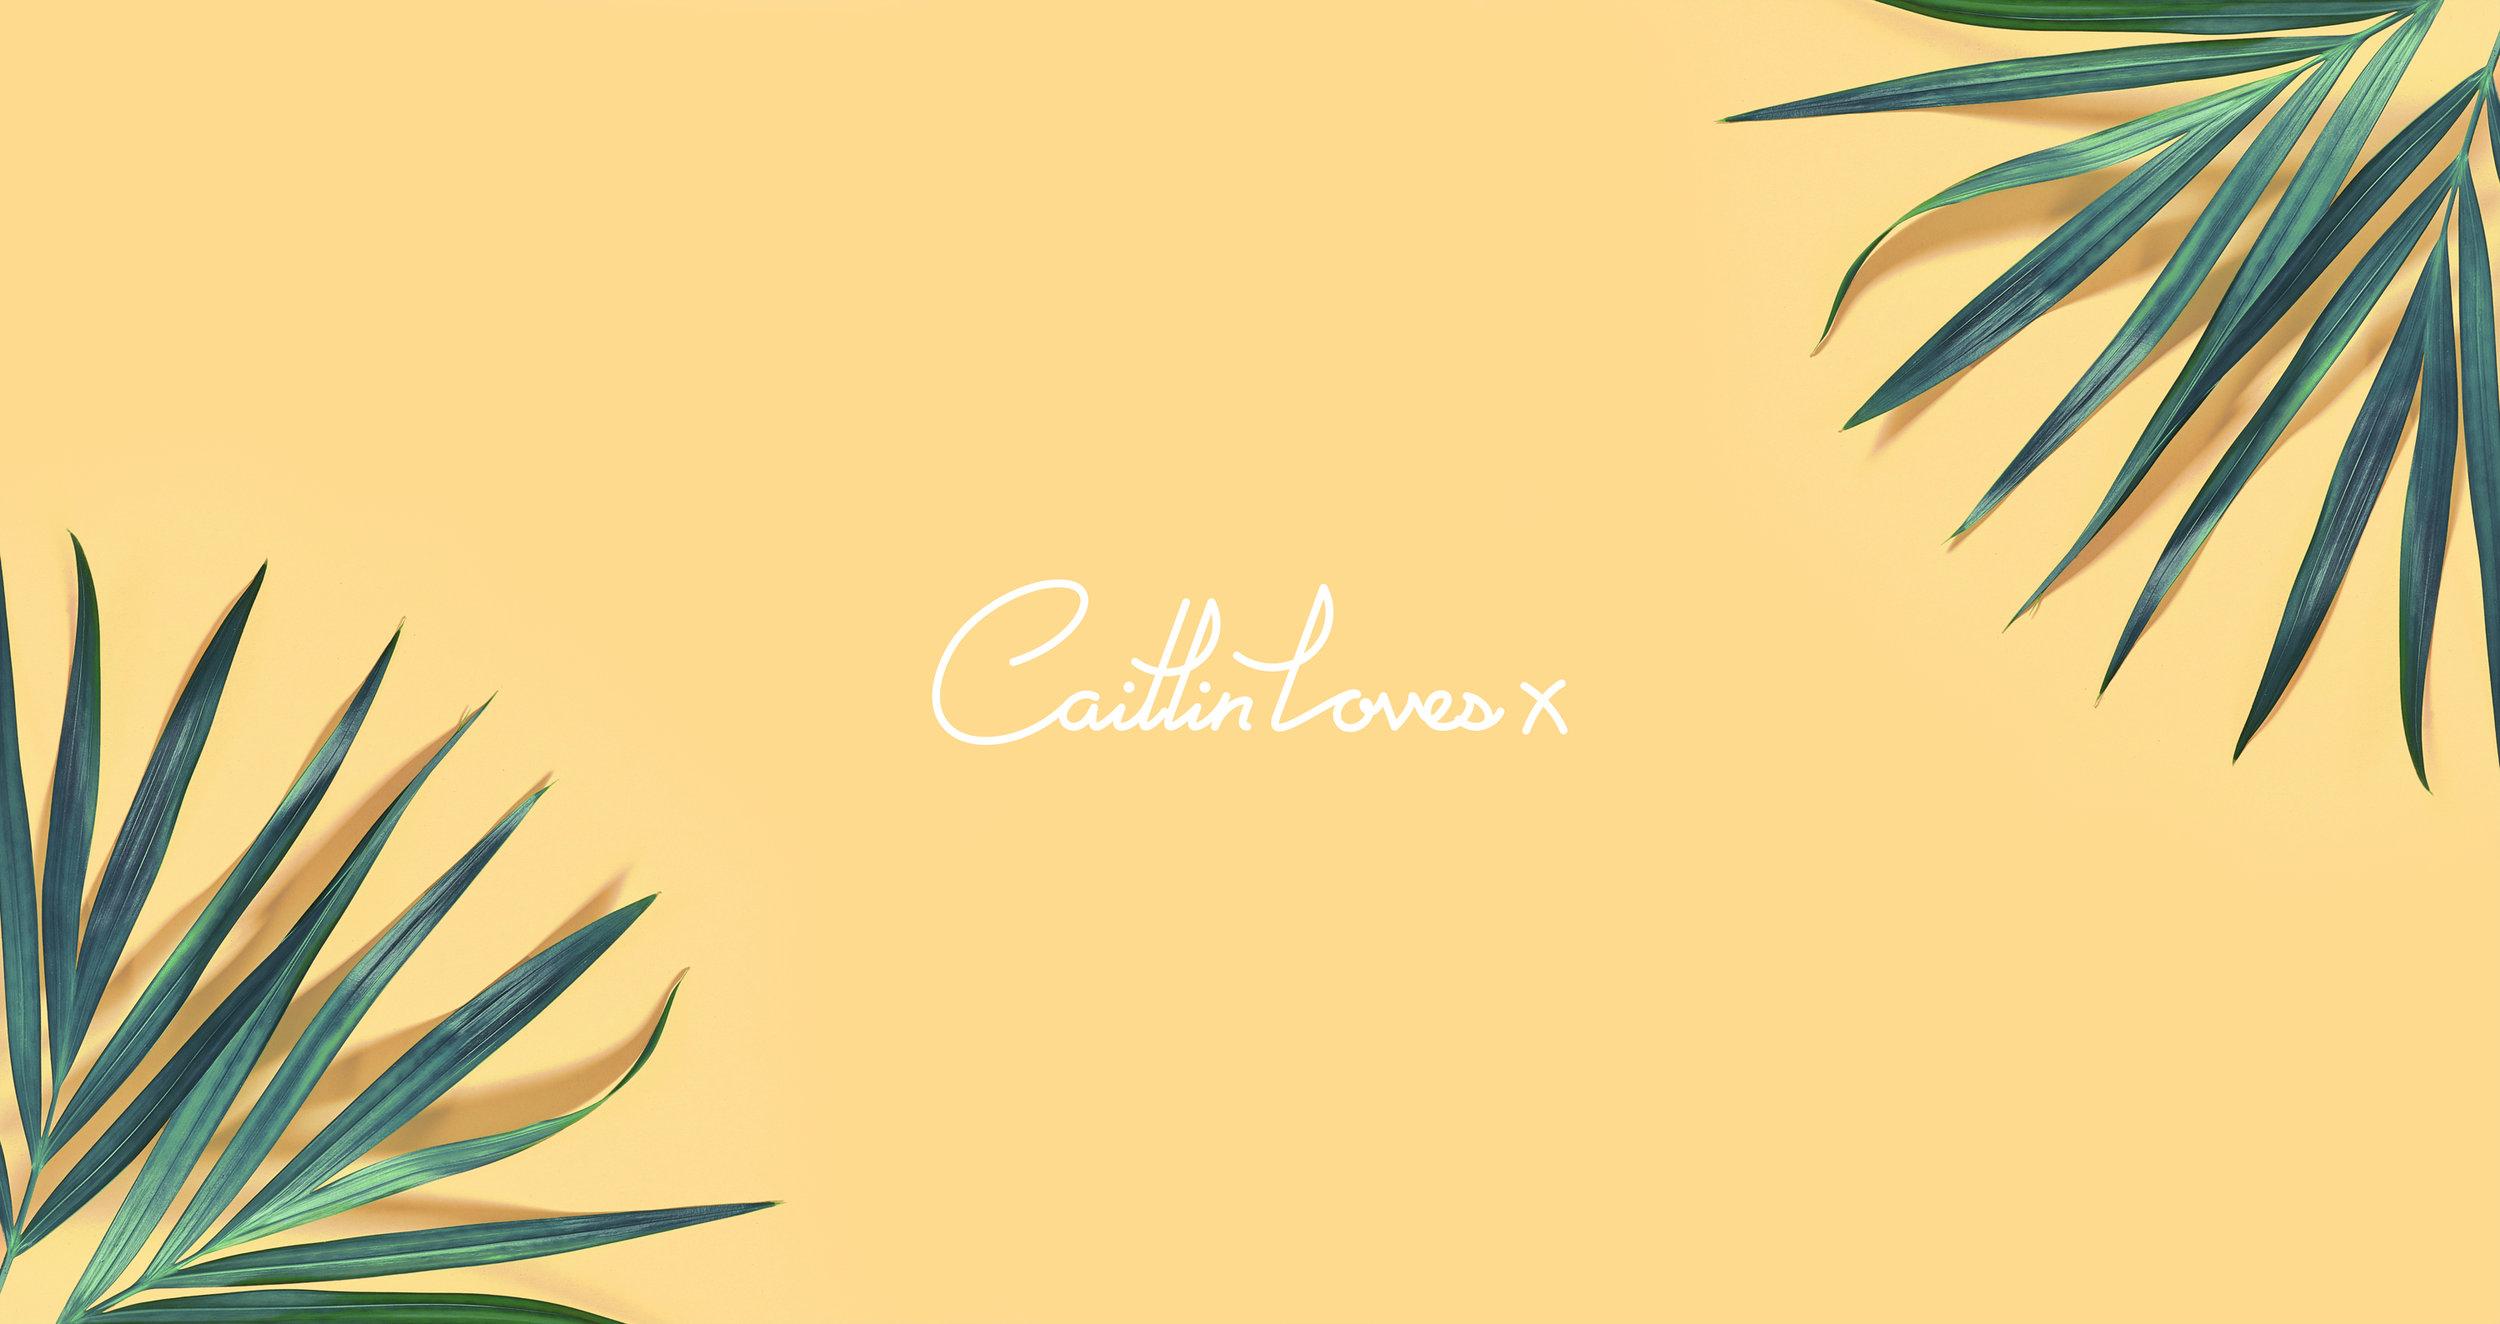 CaitlinLovesHeader.jpg